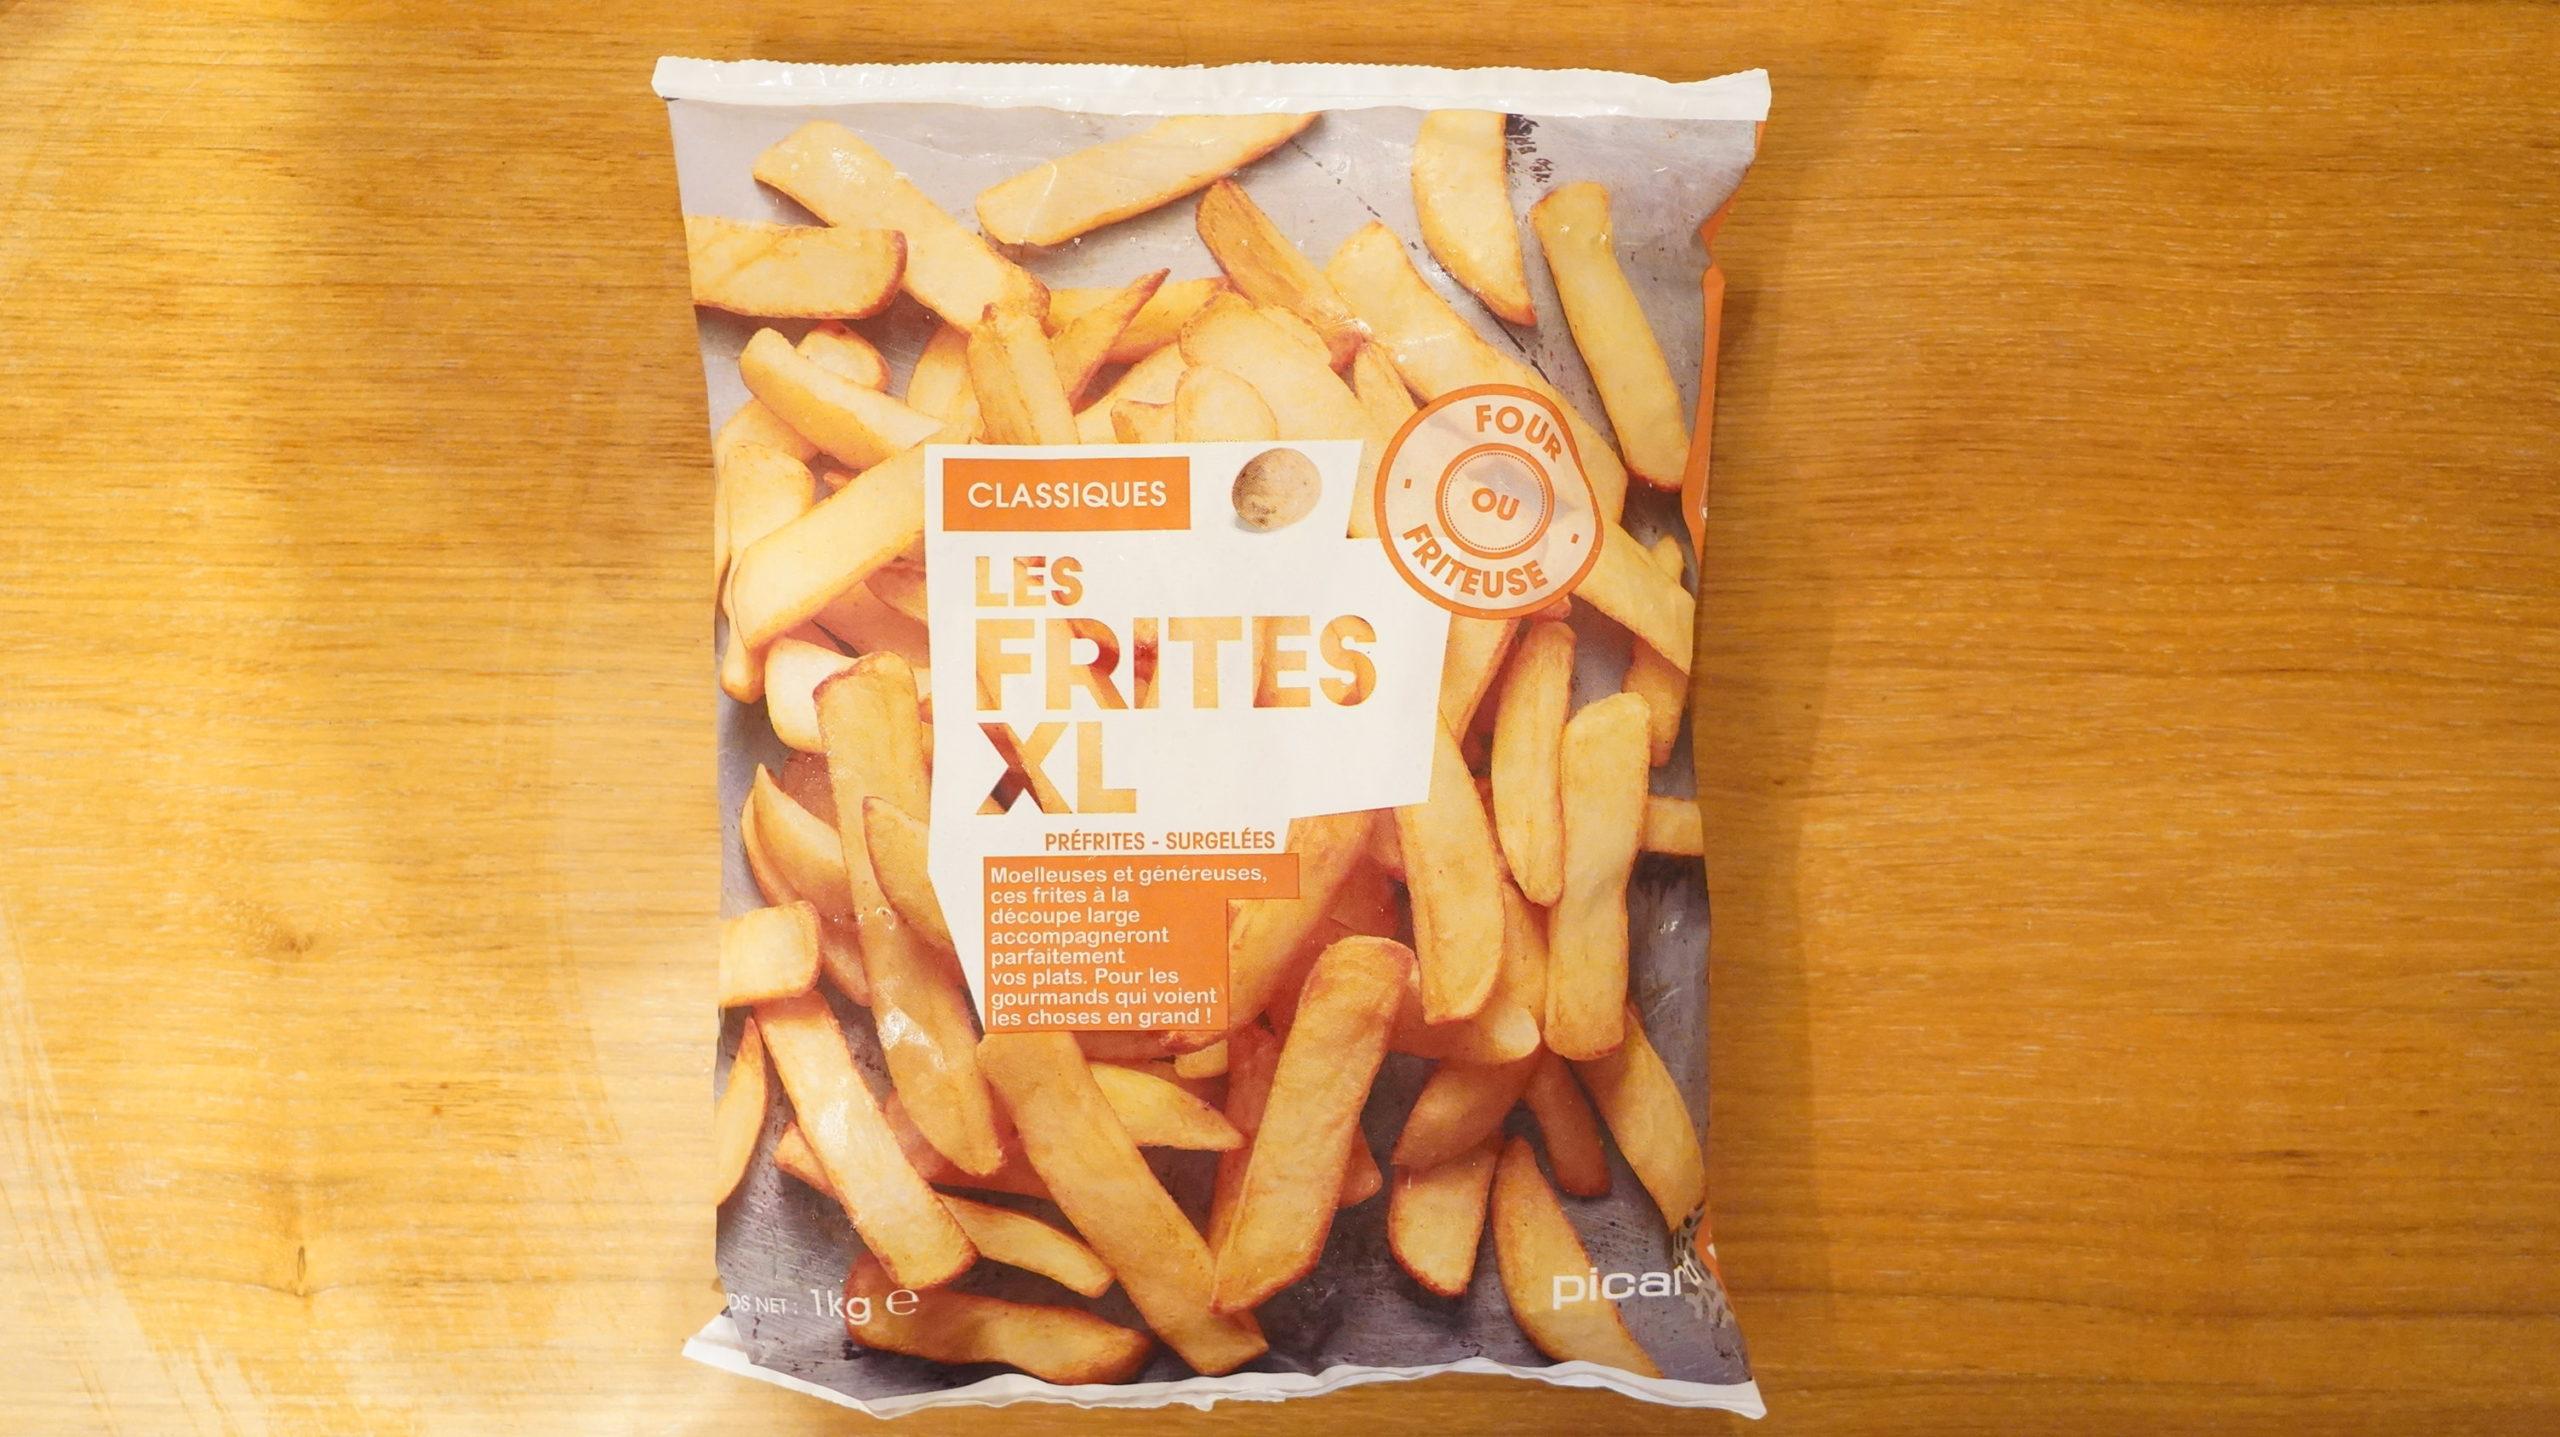 ピカールの冷凍食品「フレンチフライ XL」のパッケージ写真